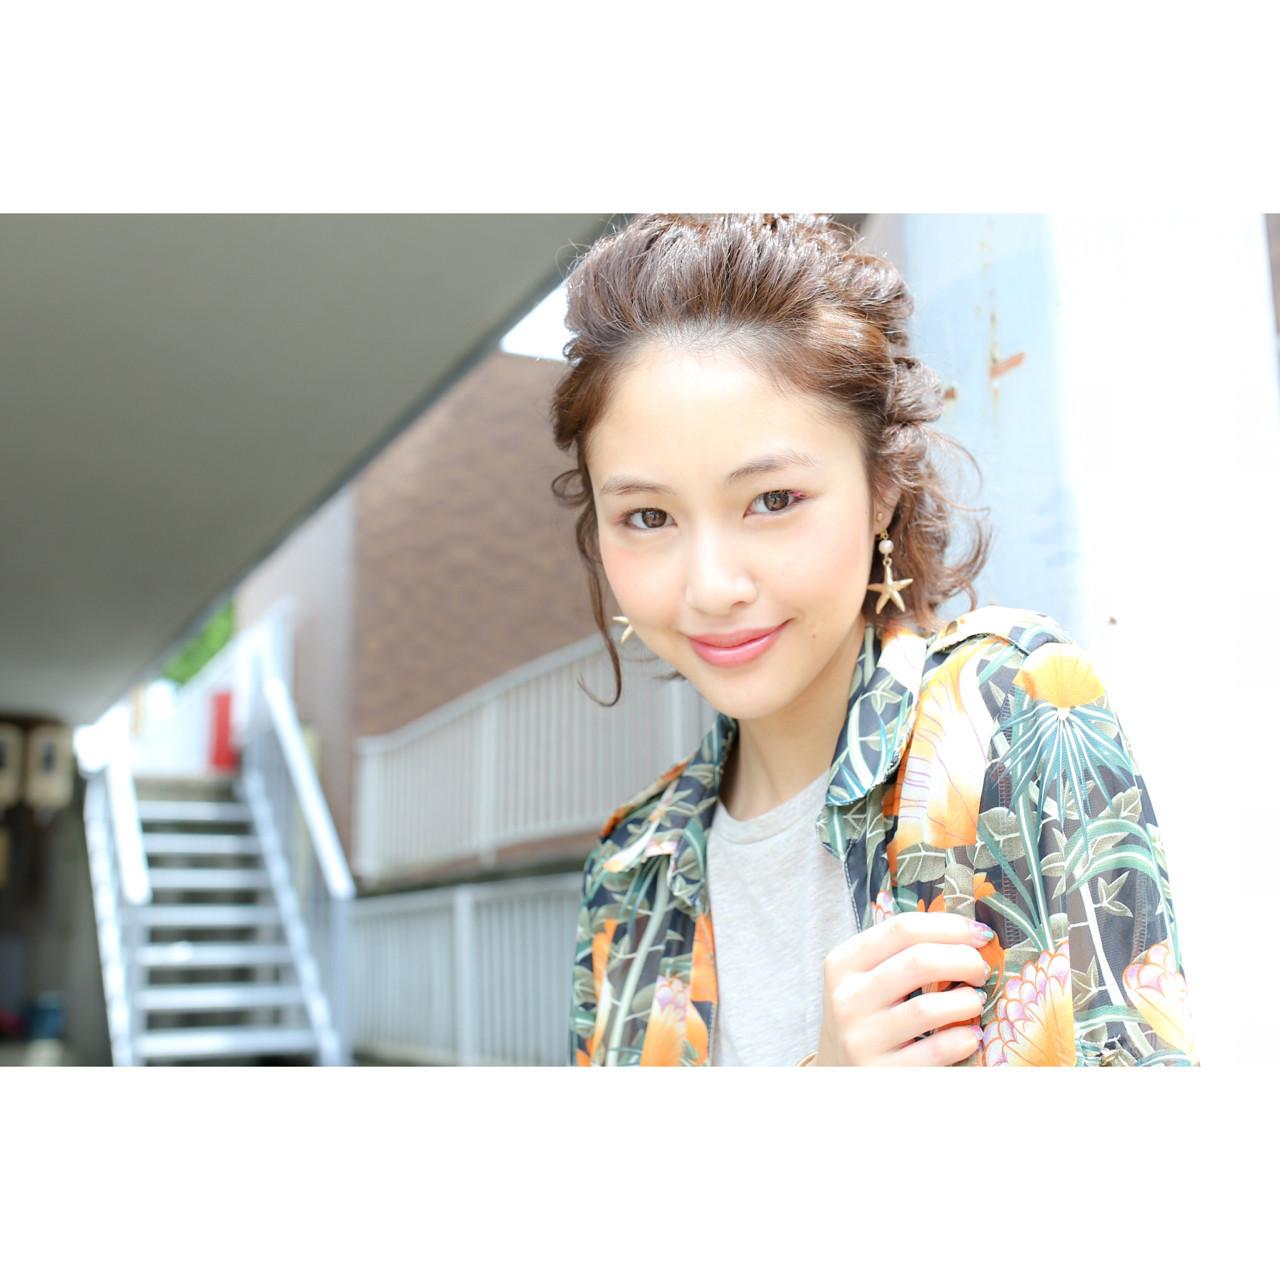 【美容師直伝】ロブがかわいく見える♡おすすめヘアアレンジ集 Kinji Onoda  Noblesse oblige